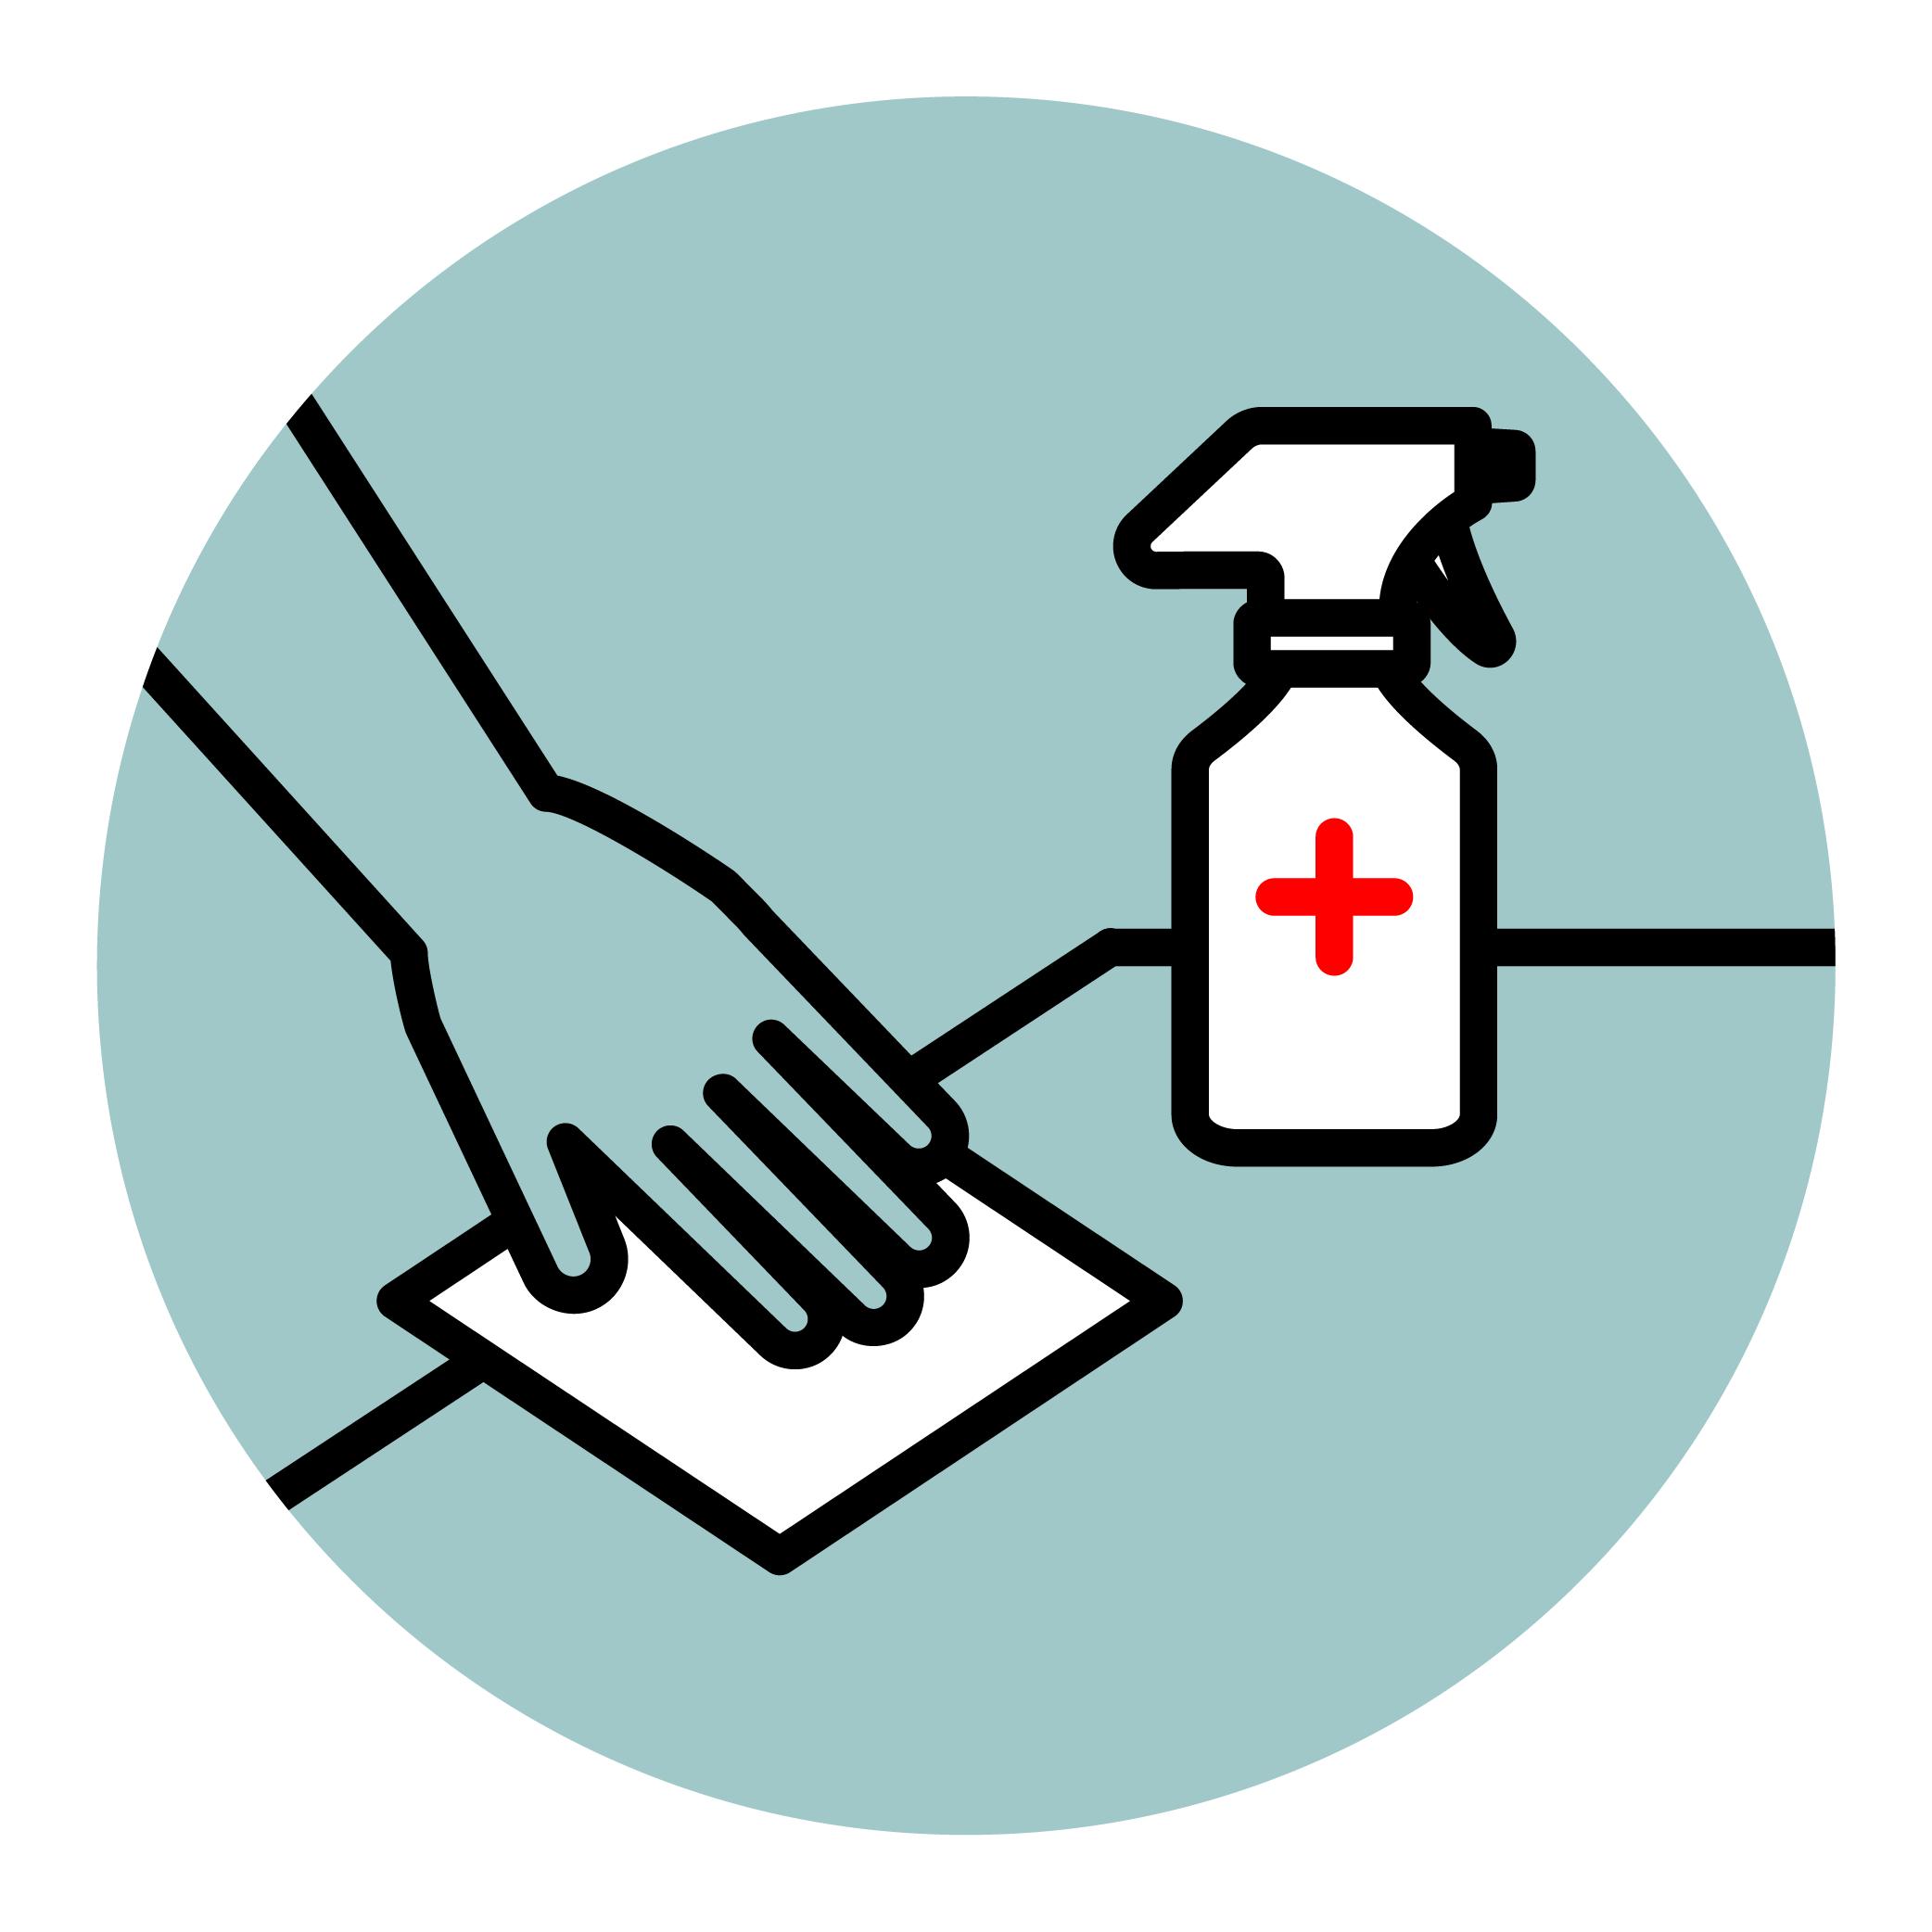 STAC protocolo de limpieza covid19